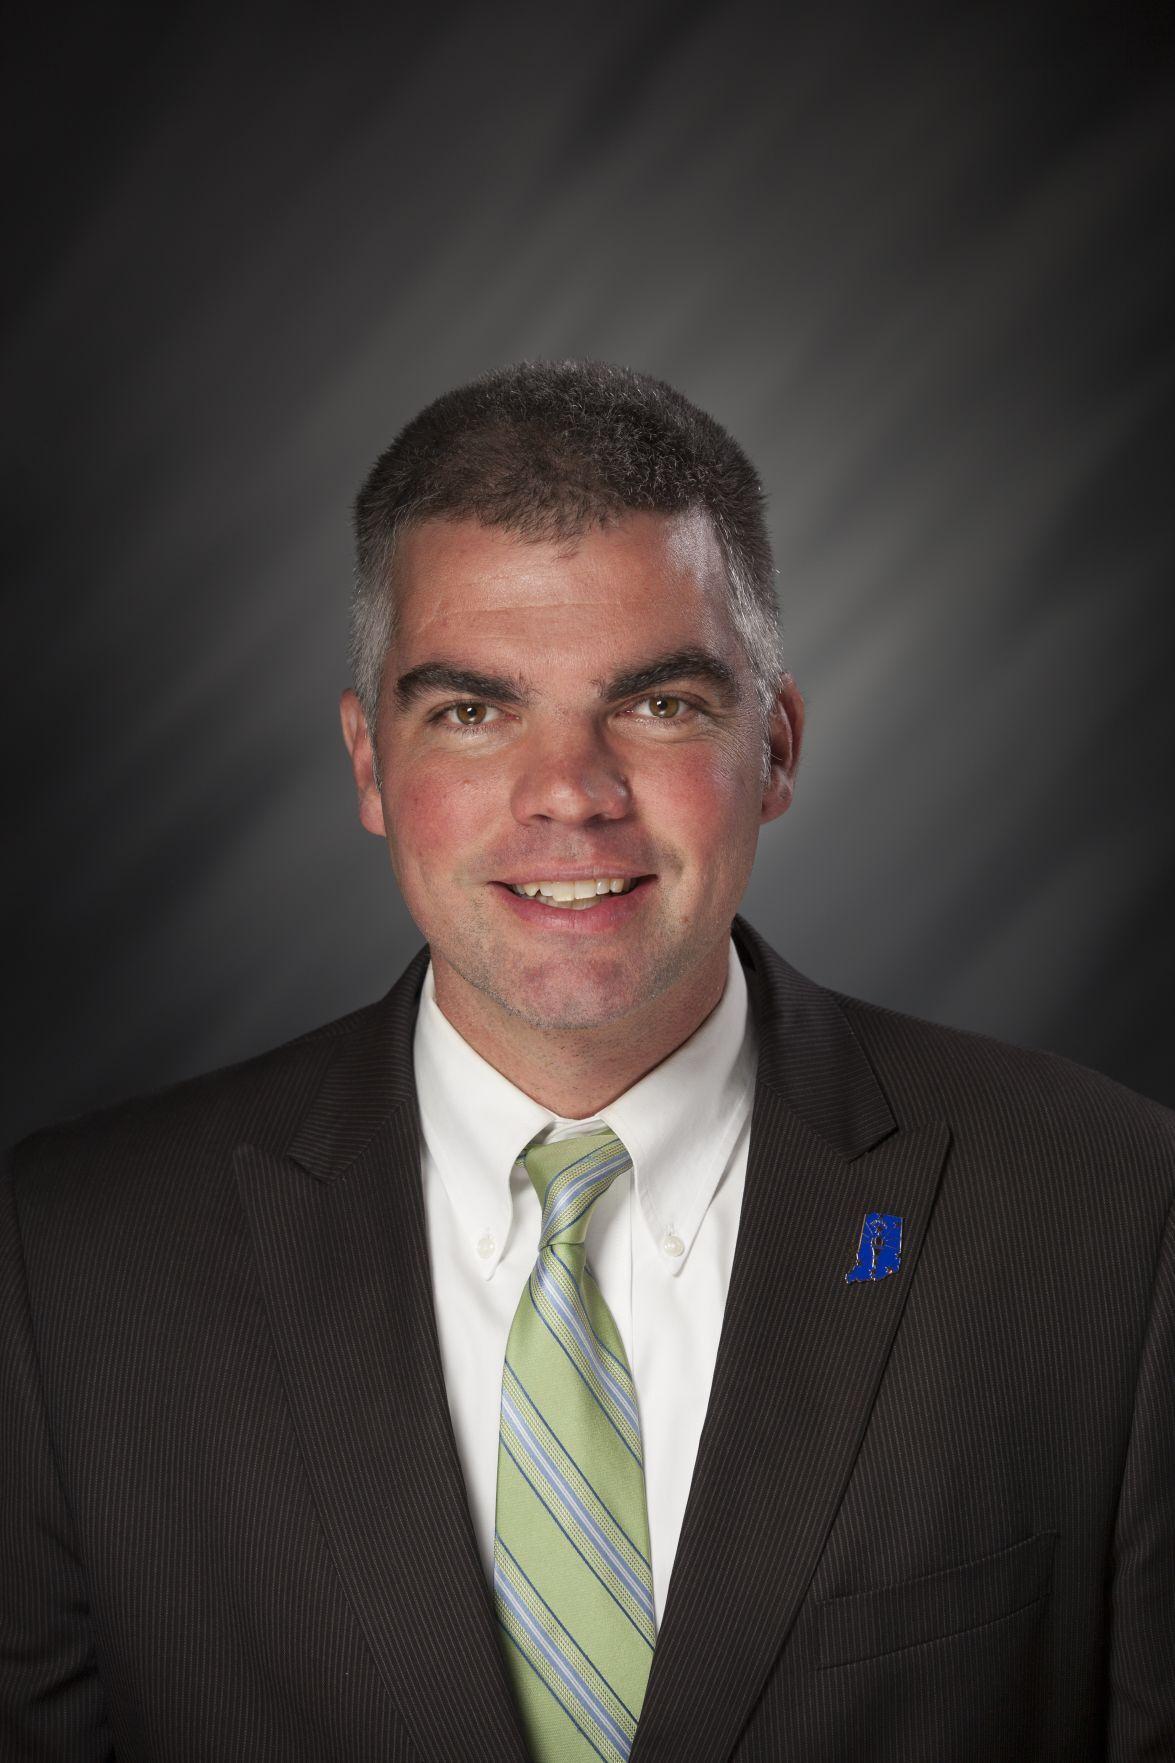 State Rep. Bob Morris